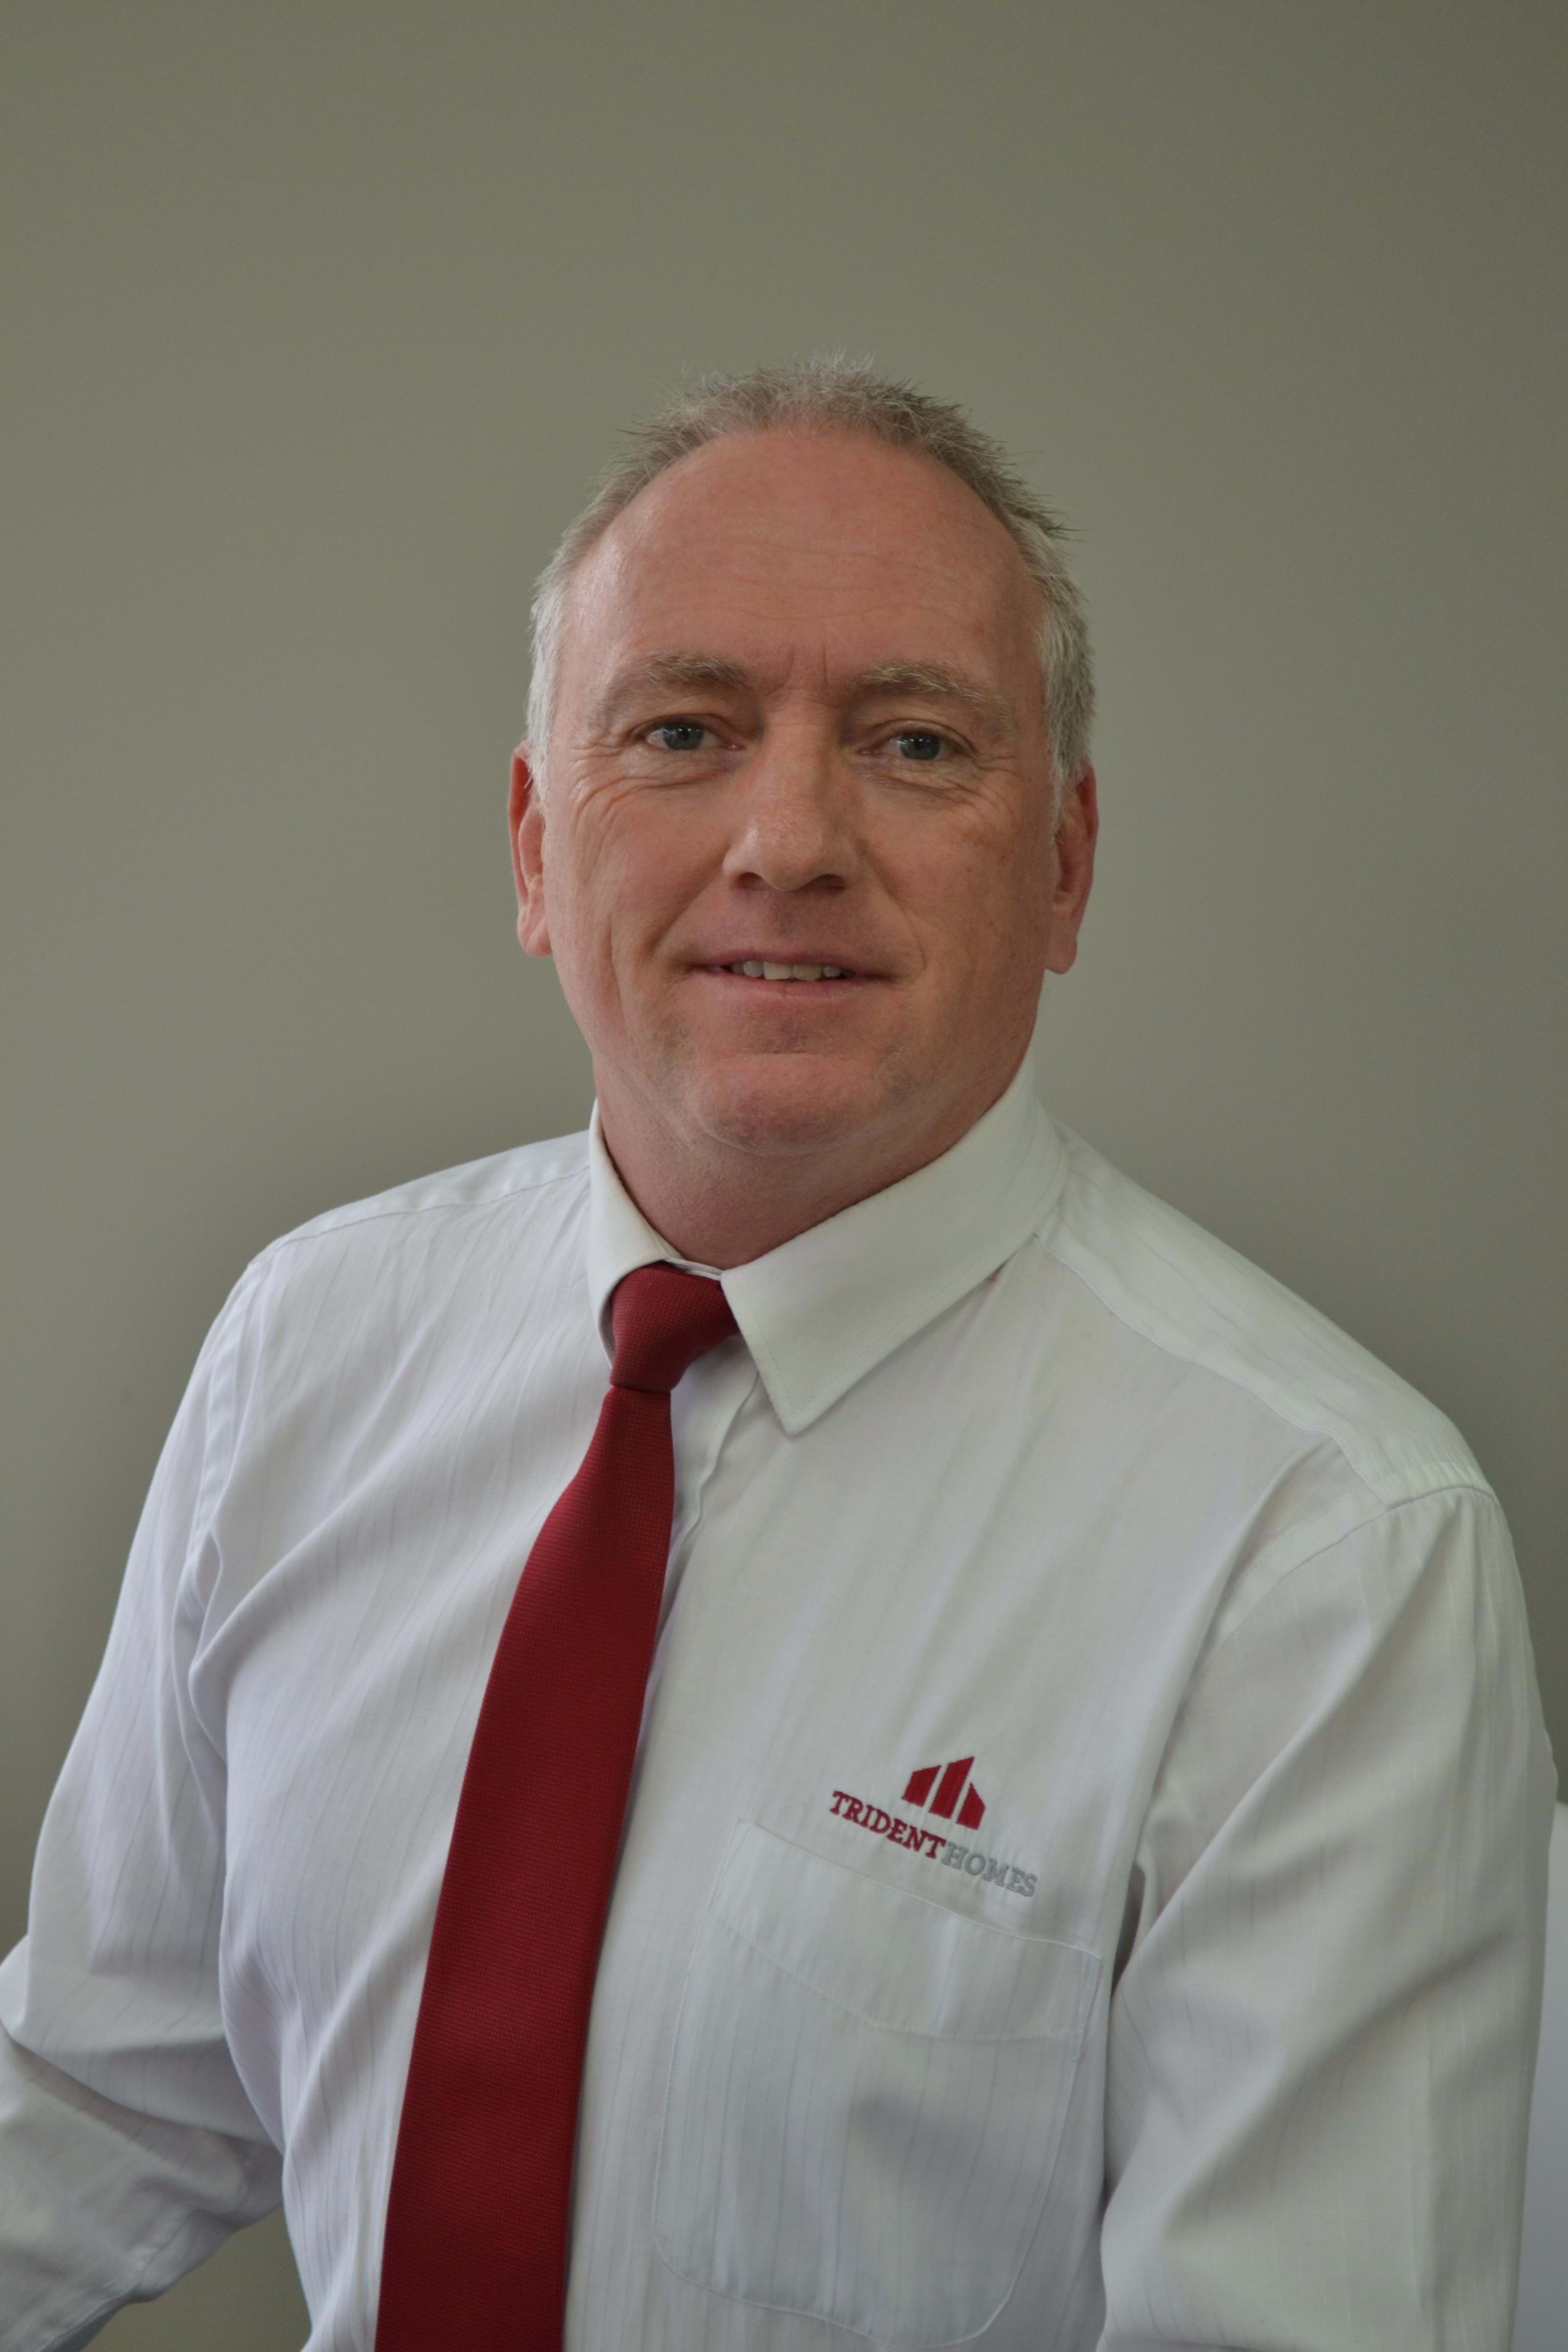 Peter Nisbet